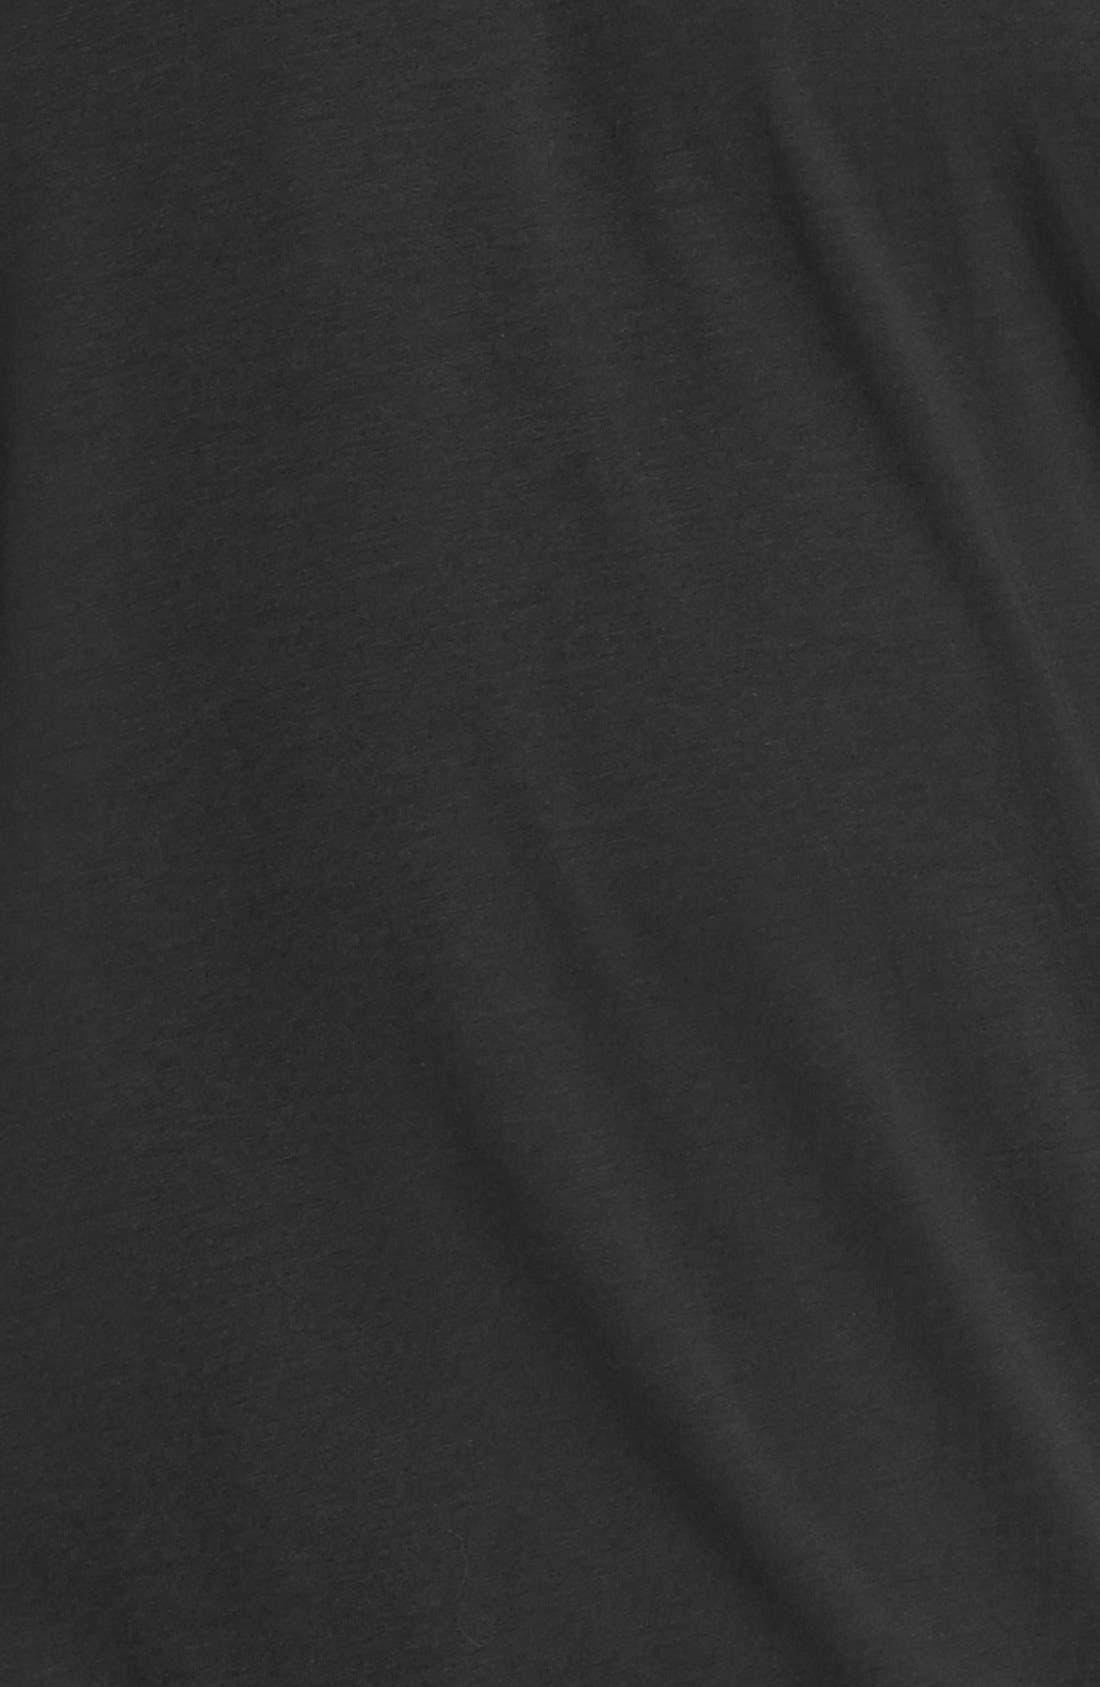 Alternate Image 3  - Lacoste Pima Cotton Jersey V-Neck T-Shirt